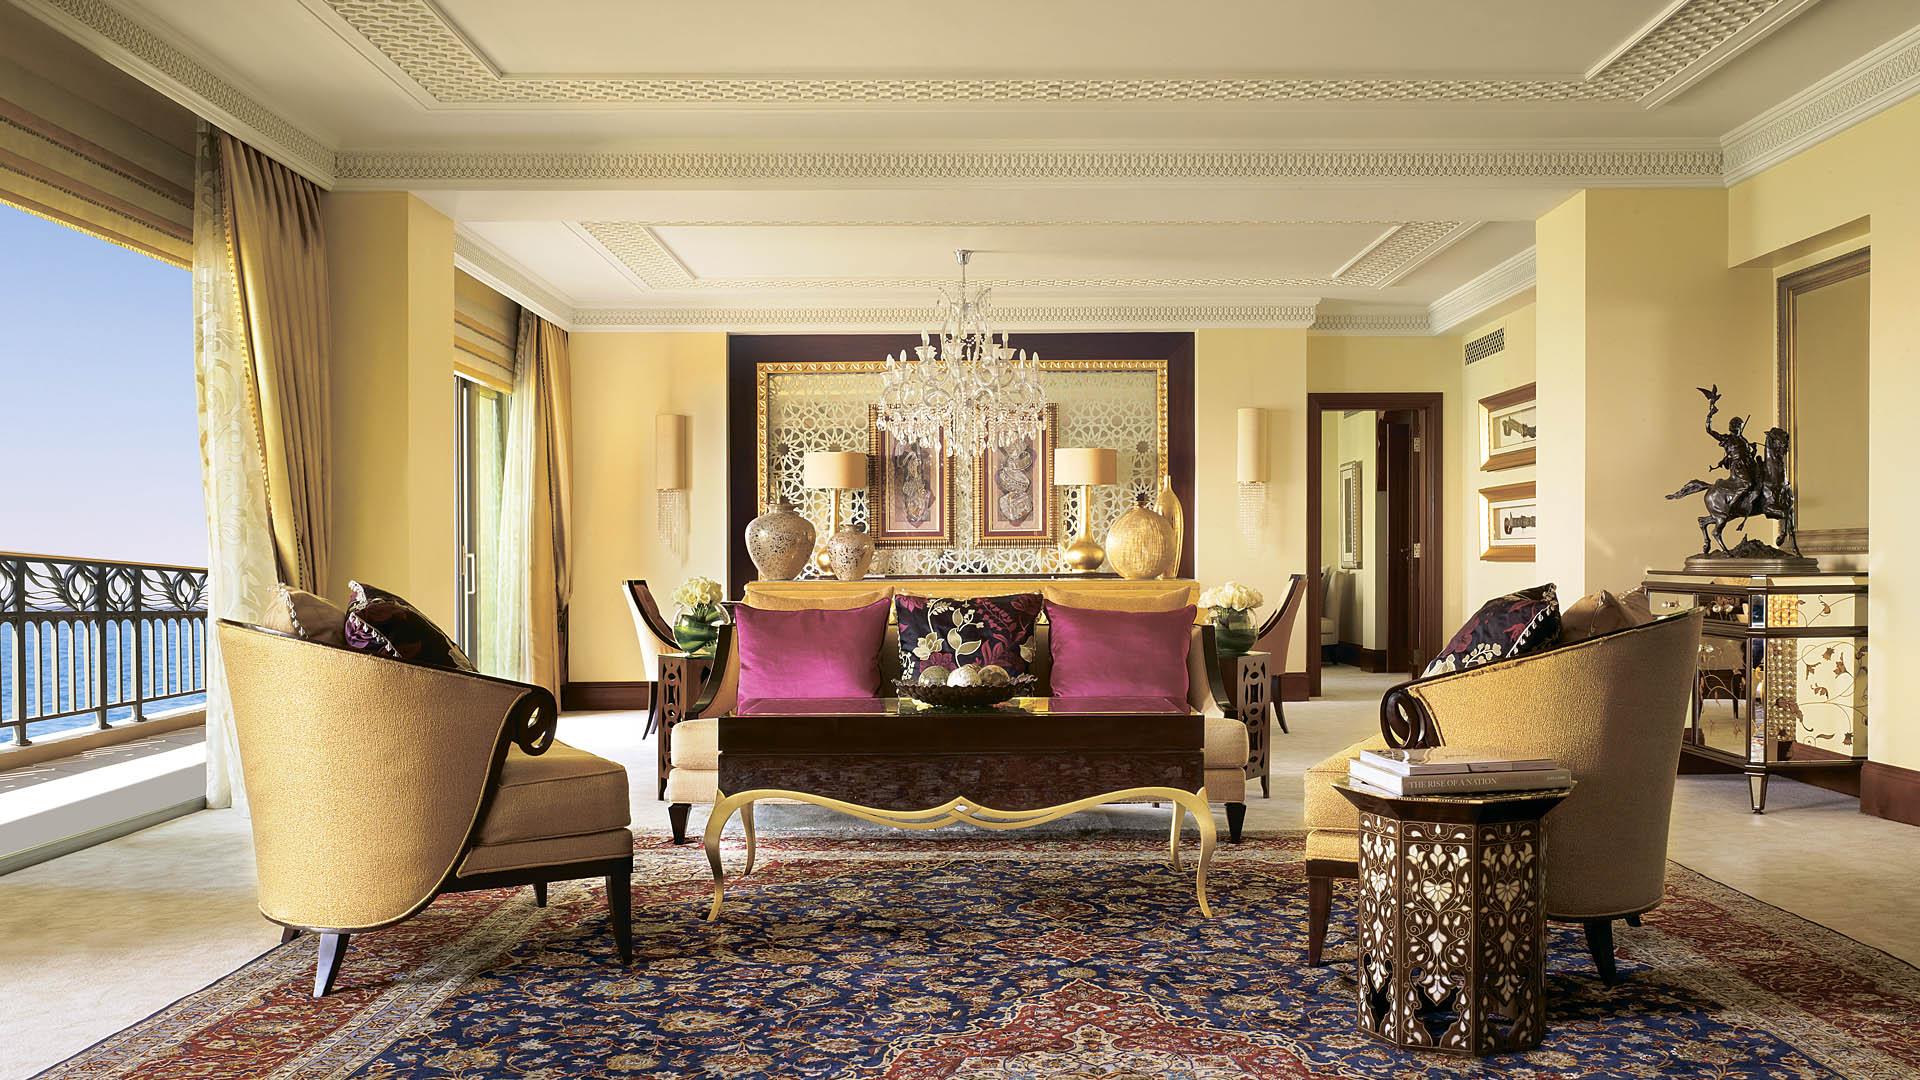 Готель One&Only Royal Mirage вважається одним з найстильніших прибережних курортів Дубаю